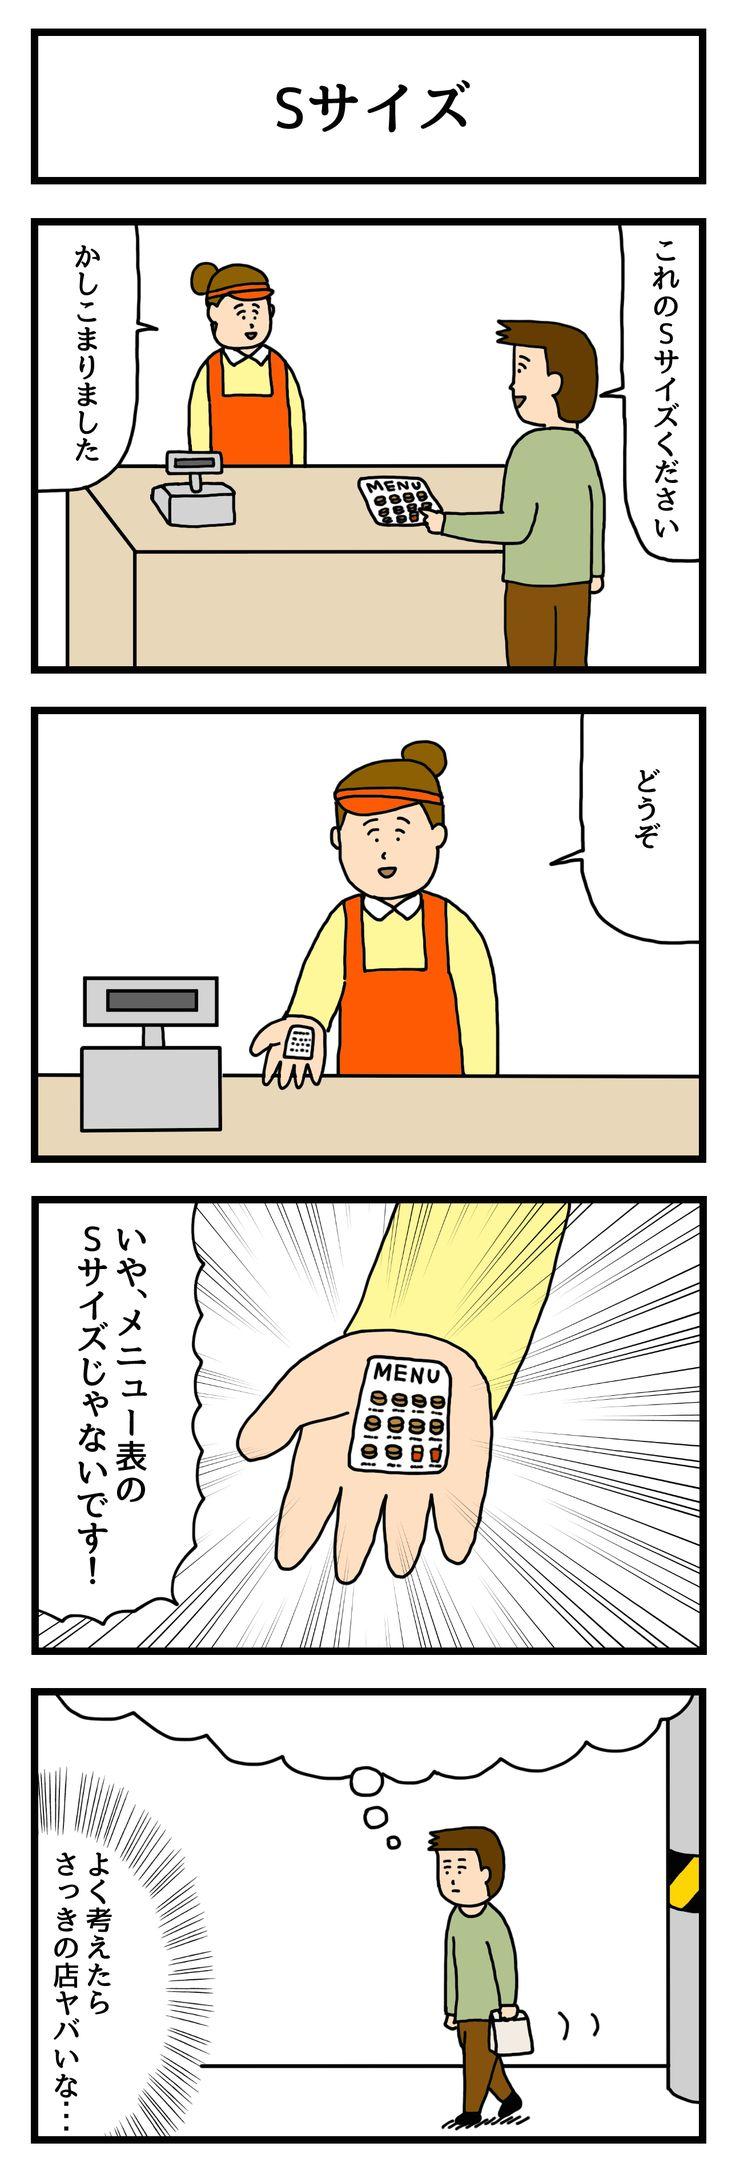 ネットで話題の4コママンガ「たのしい4コマ」がタウンワークマガジンに登場! 第23回目のテーマは「Sサイズ」。 作:せきの (@sekino4koma) ブログ「たのしい4コマ」にてシュール系4コマ漫画を定期的に配信。「…